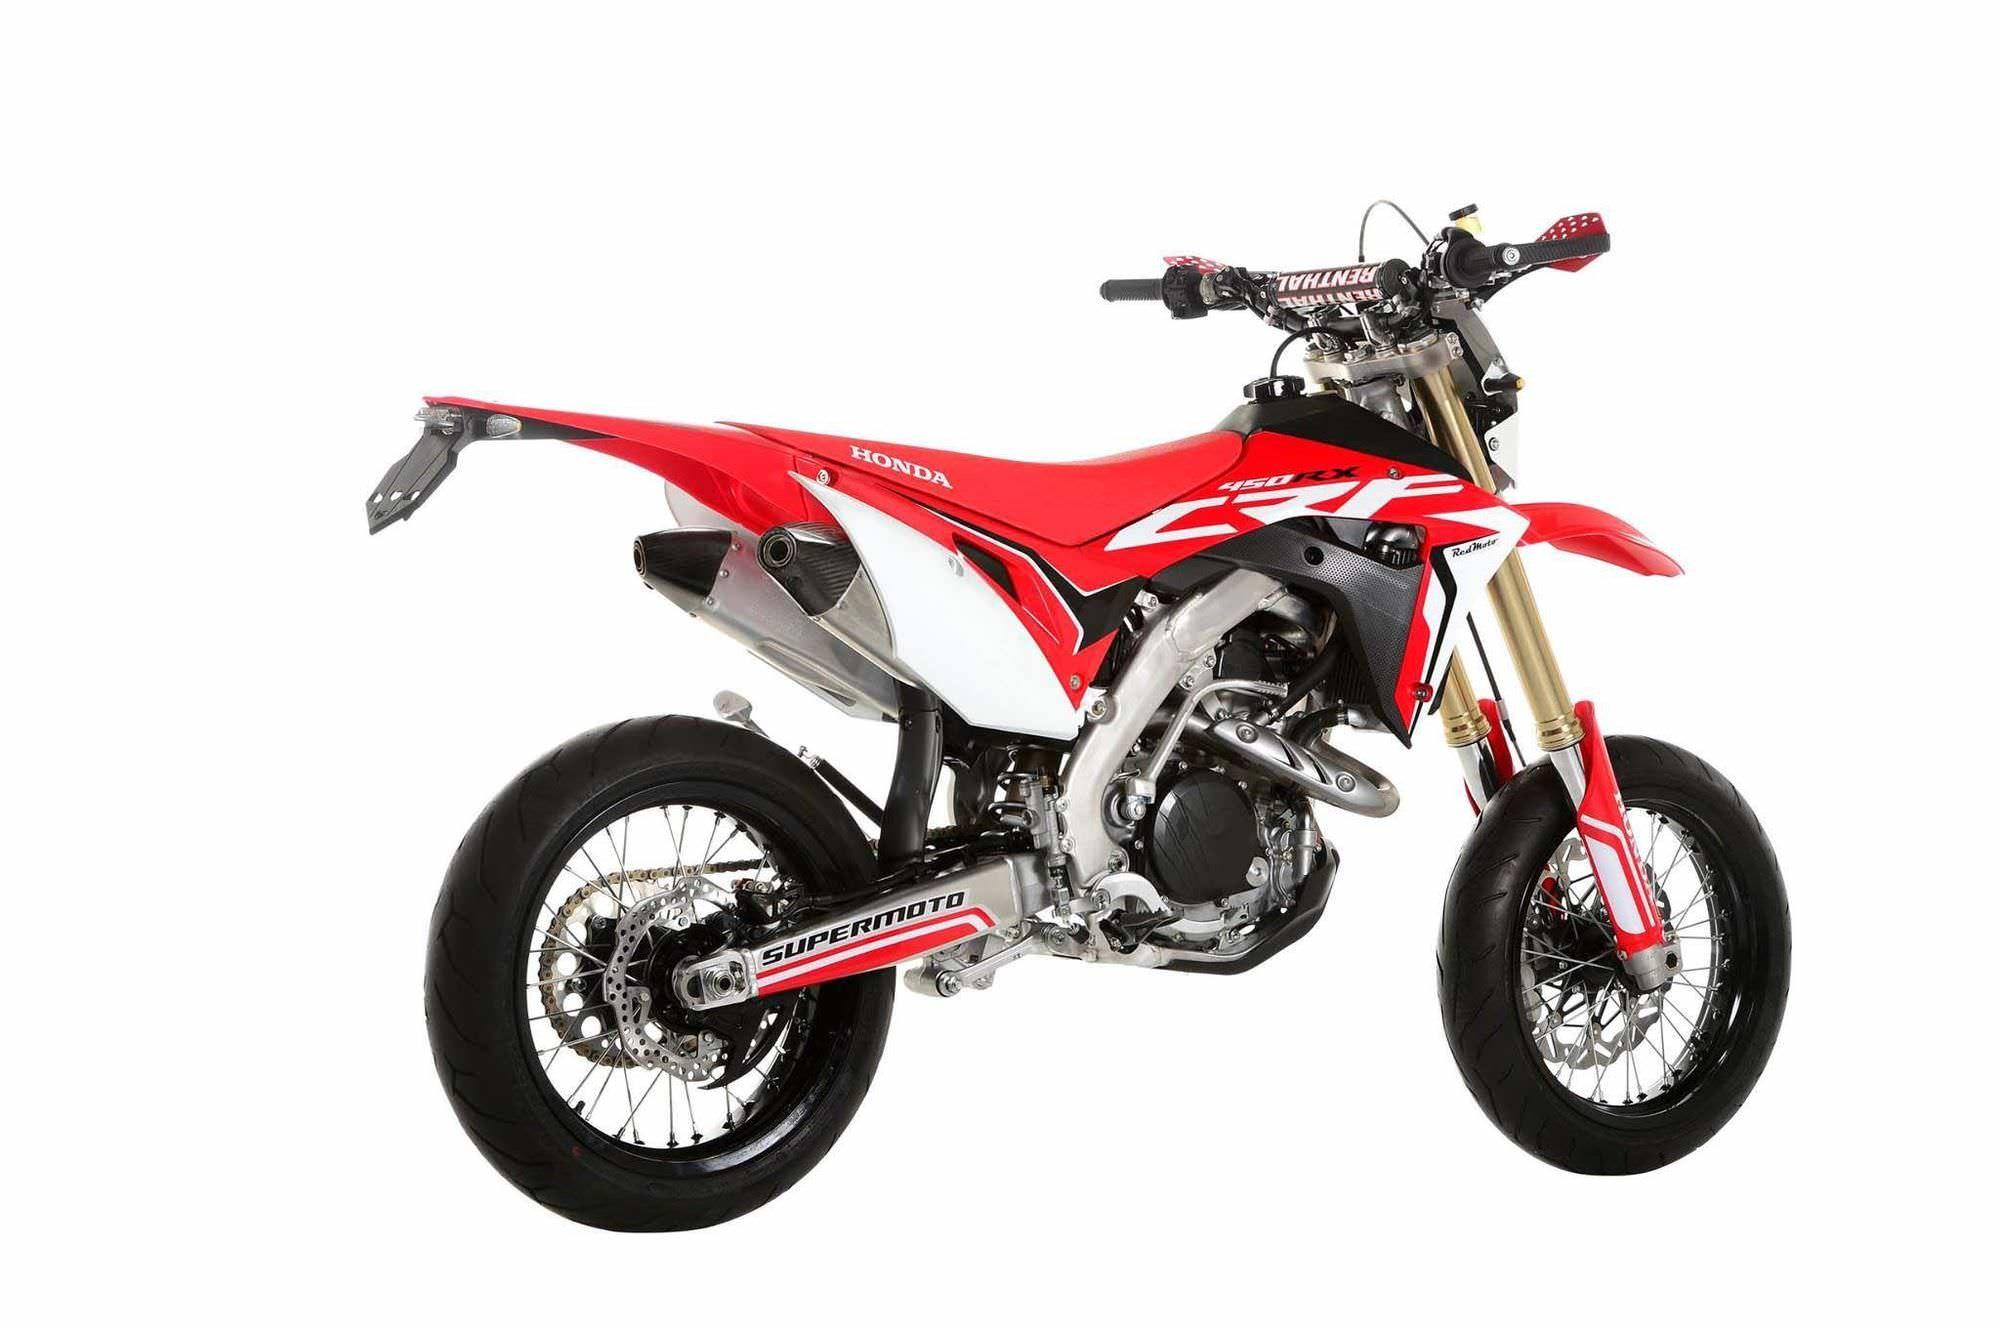 2017 honda crf450r supermoto motard bike motorcycle